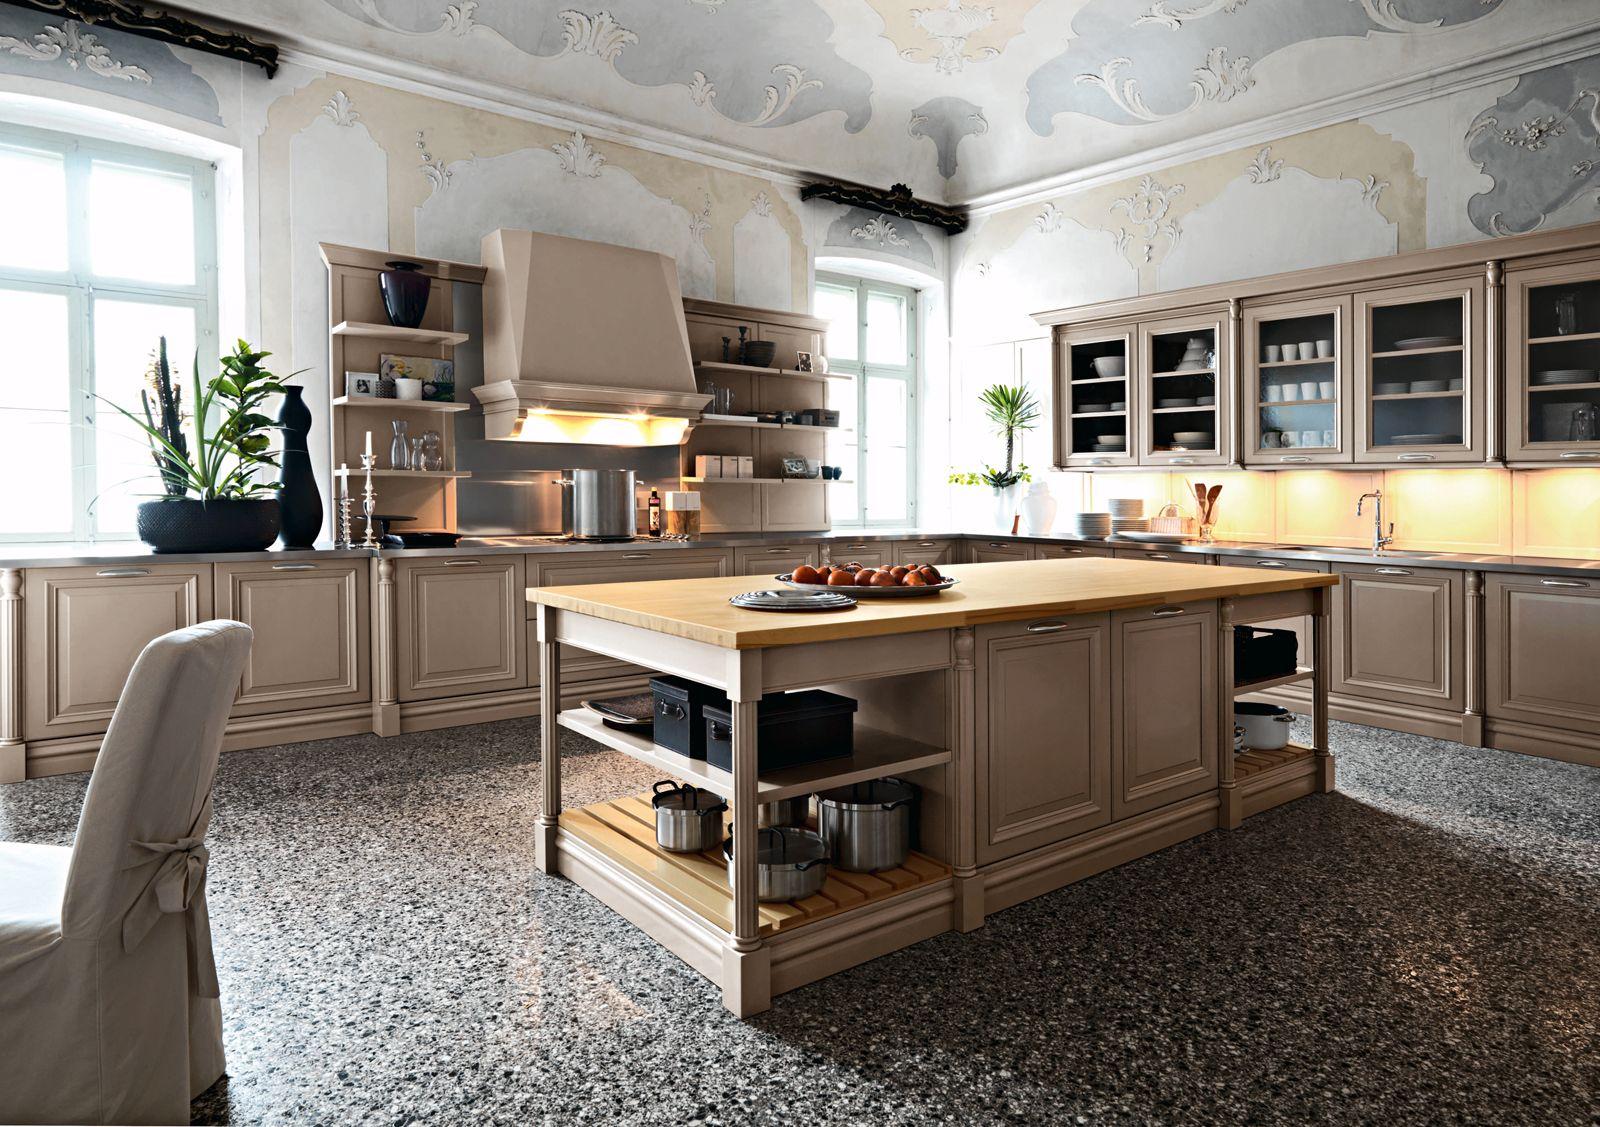 pavimento graniglia cucina - Cerca con Google | Superfici ...